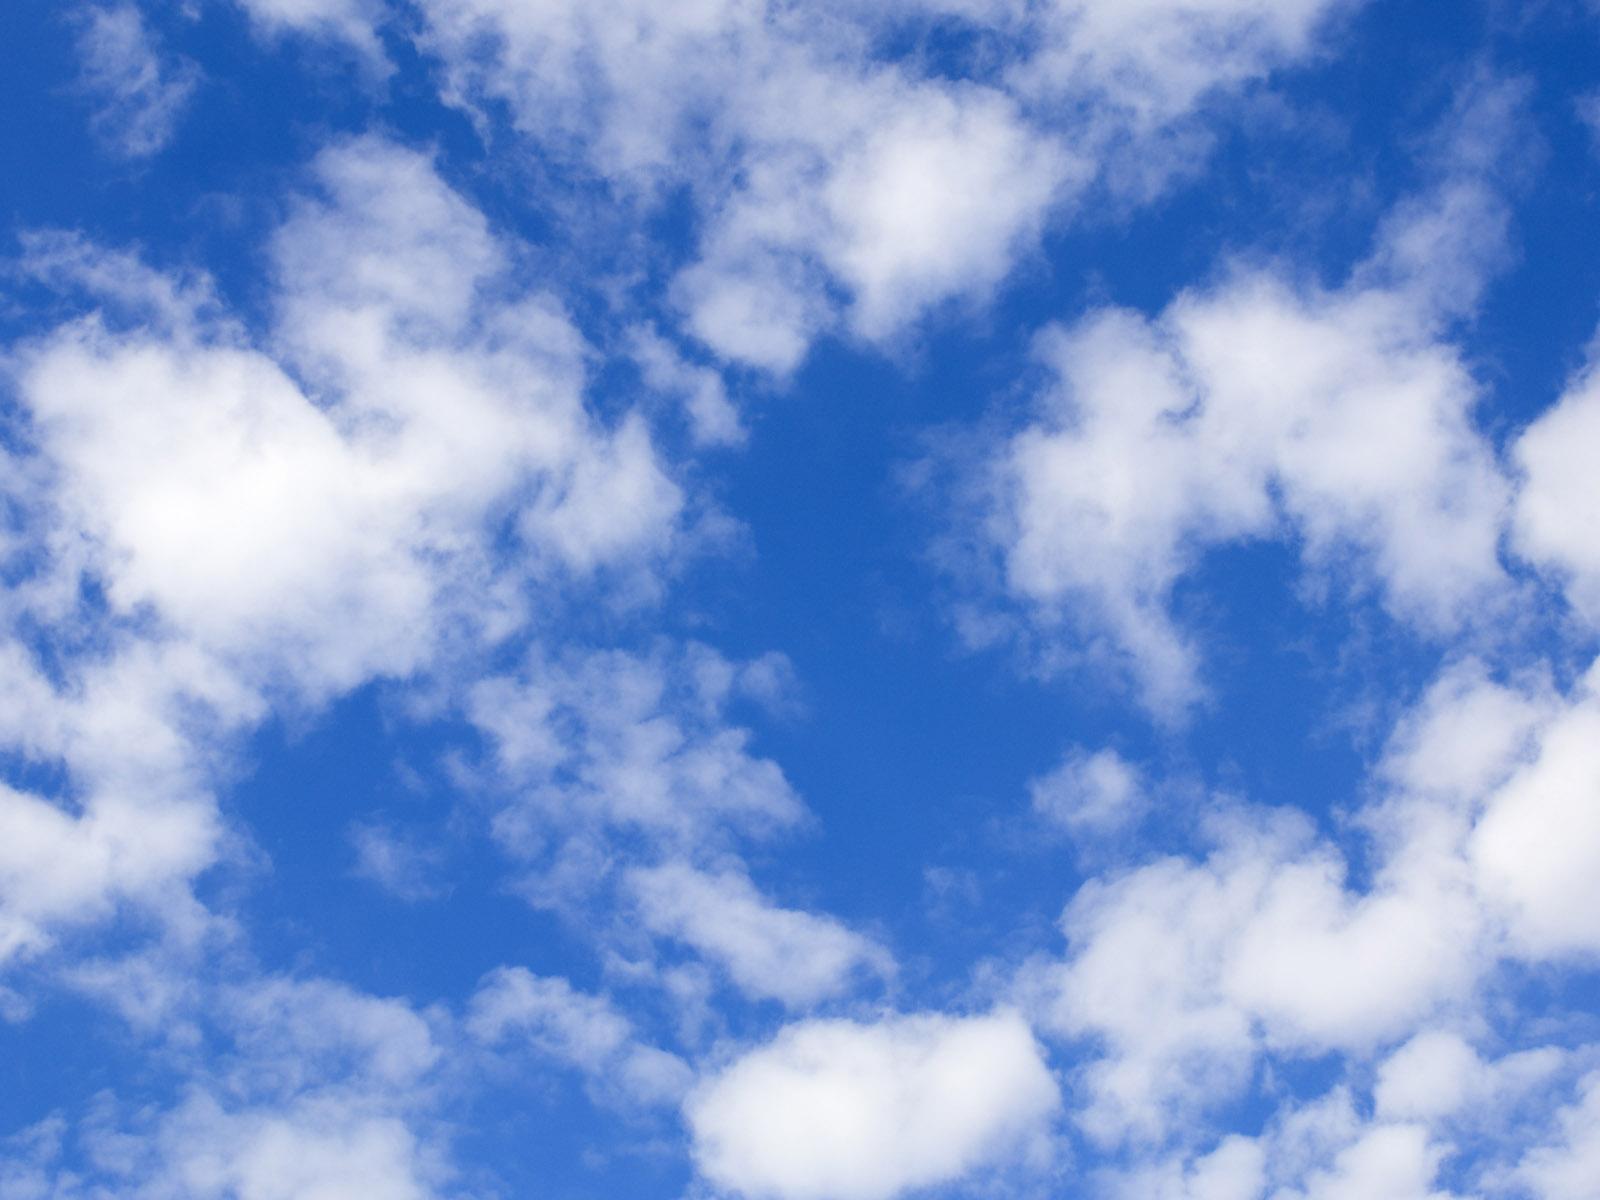 建筑与室内设计师--[区版:zyok888]素材专区贴图→蓝天白云建筑设计室工作职能图片